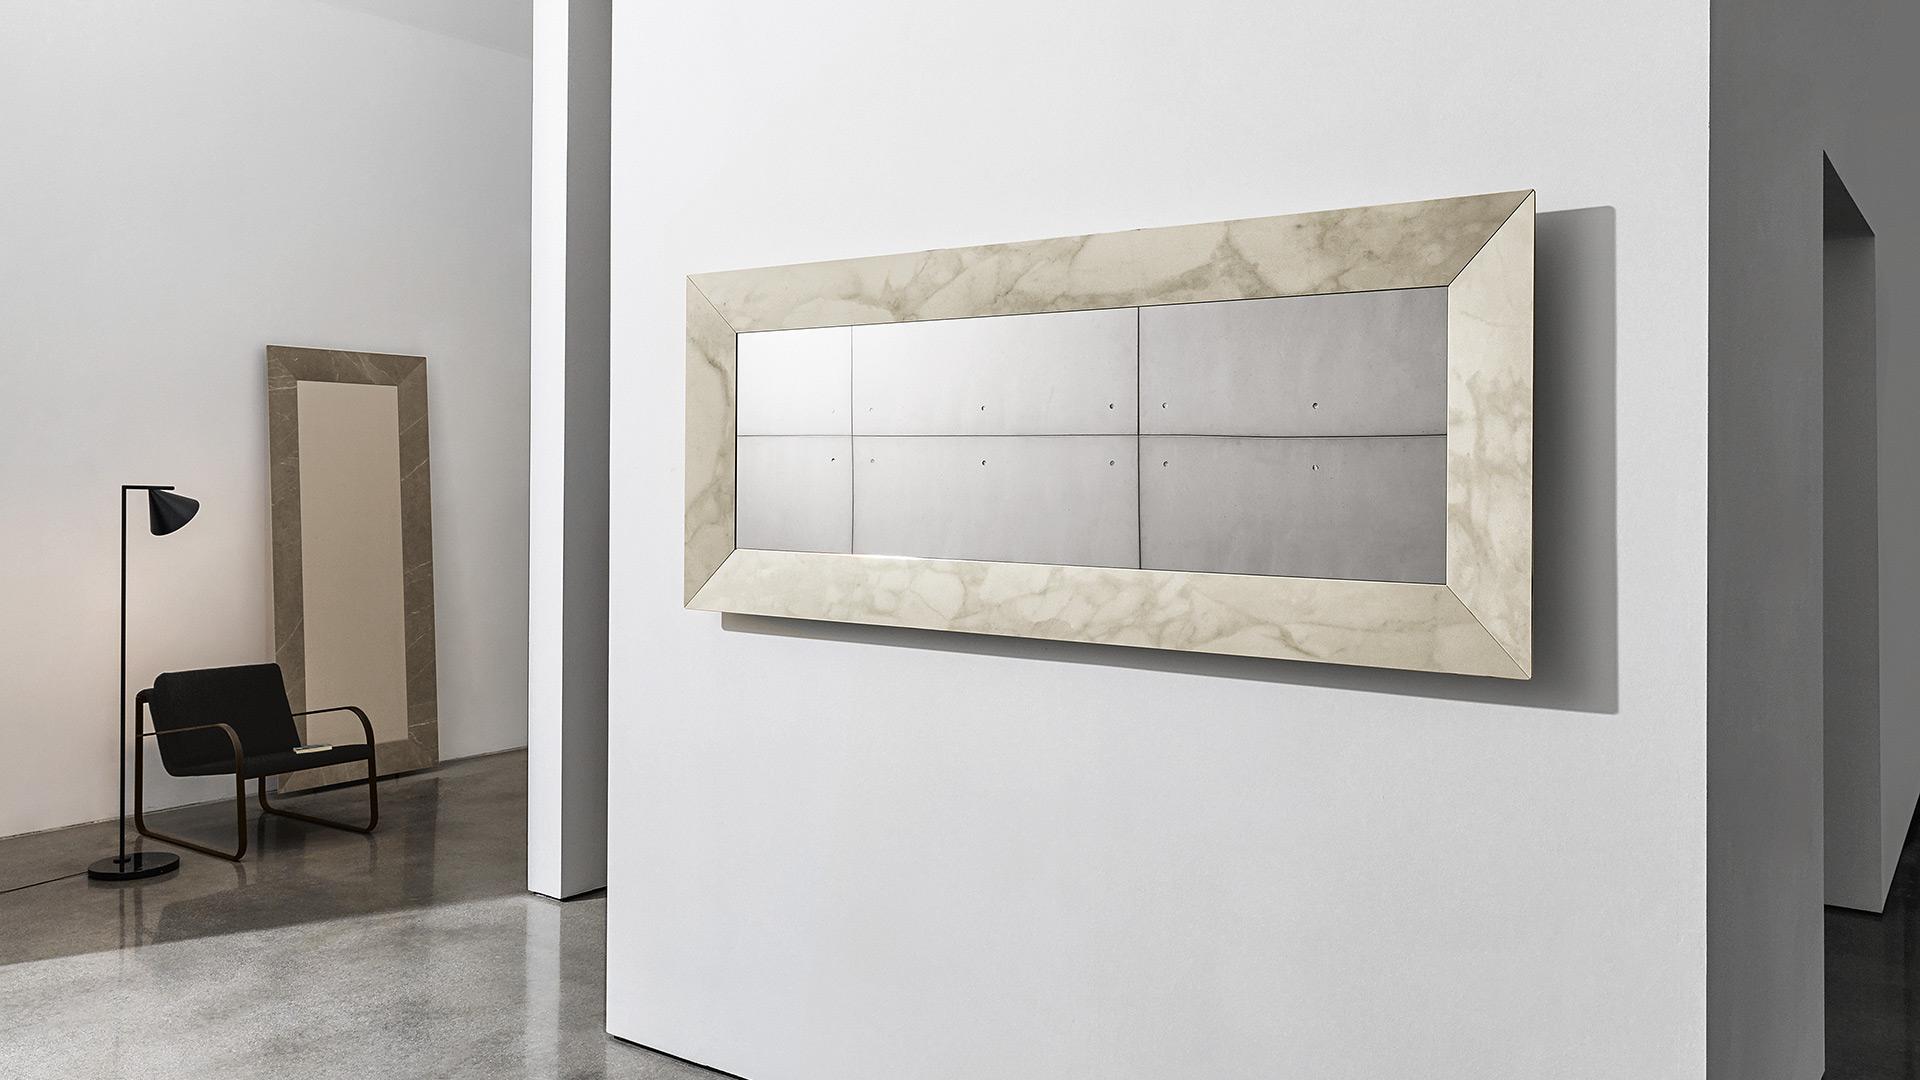 Pareti A Specchio Design denver   specchi da parete e specchiere - sovet